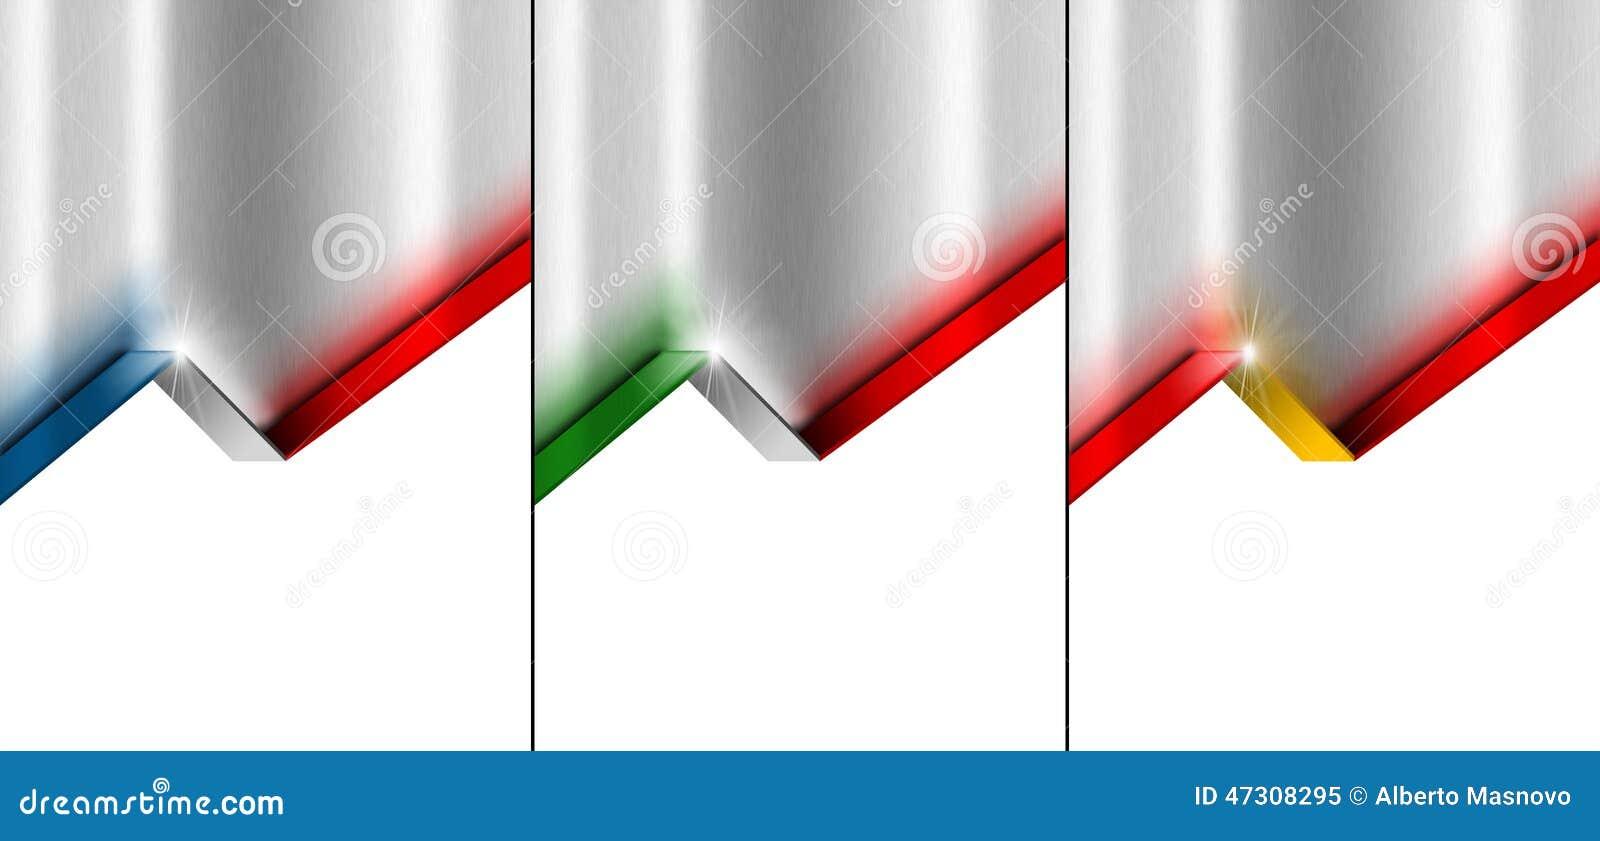 金属化与4旗子、法语、西班牙语和意大利语的背景